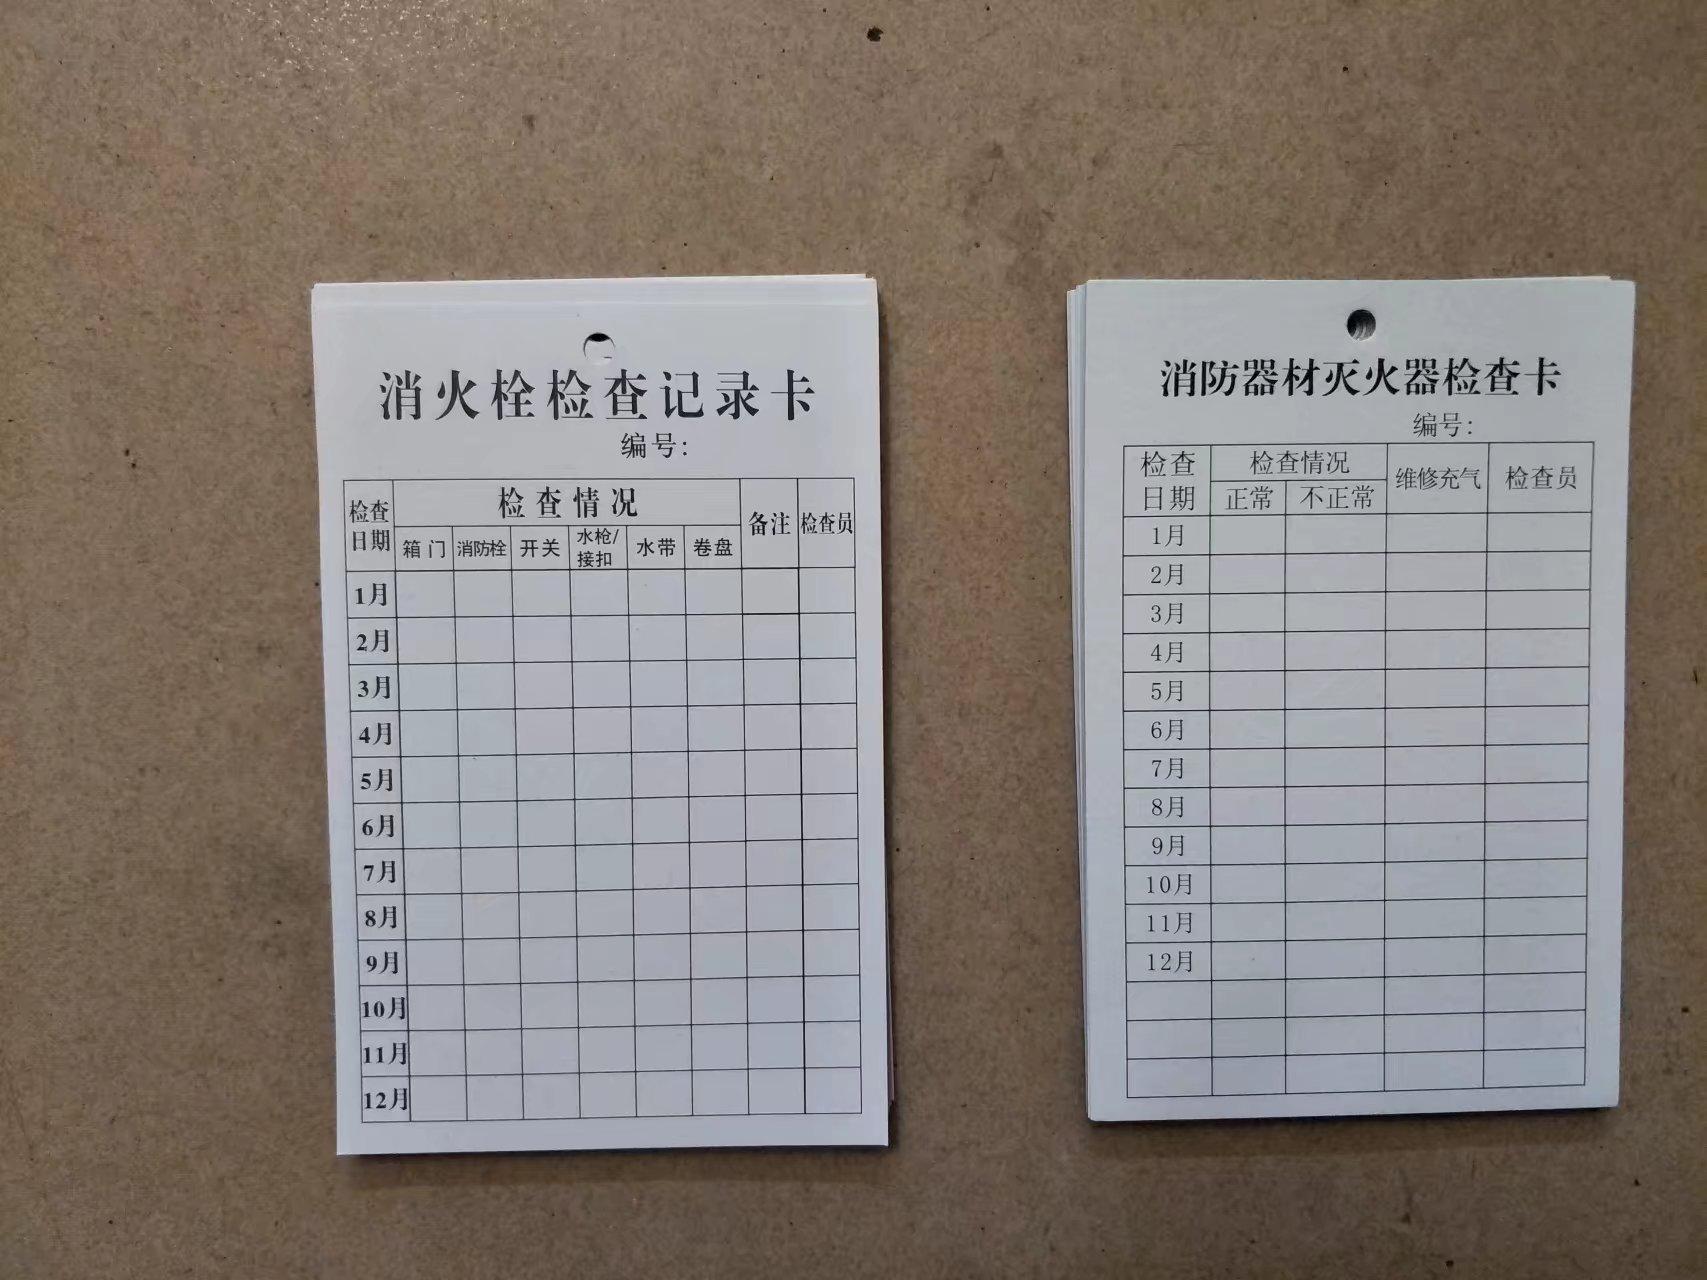 双面灭火器检查卡 消防器材点检卡消火栓维修记录卡100张可用2年